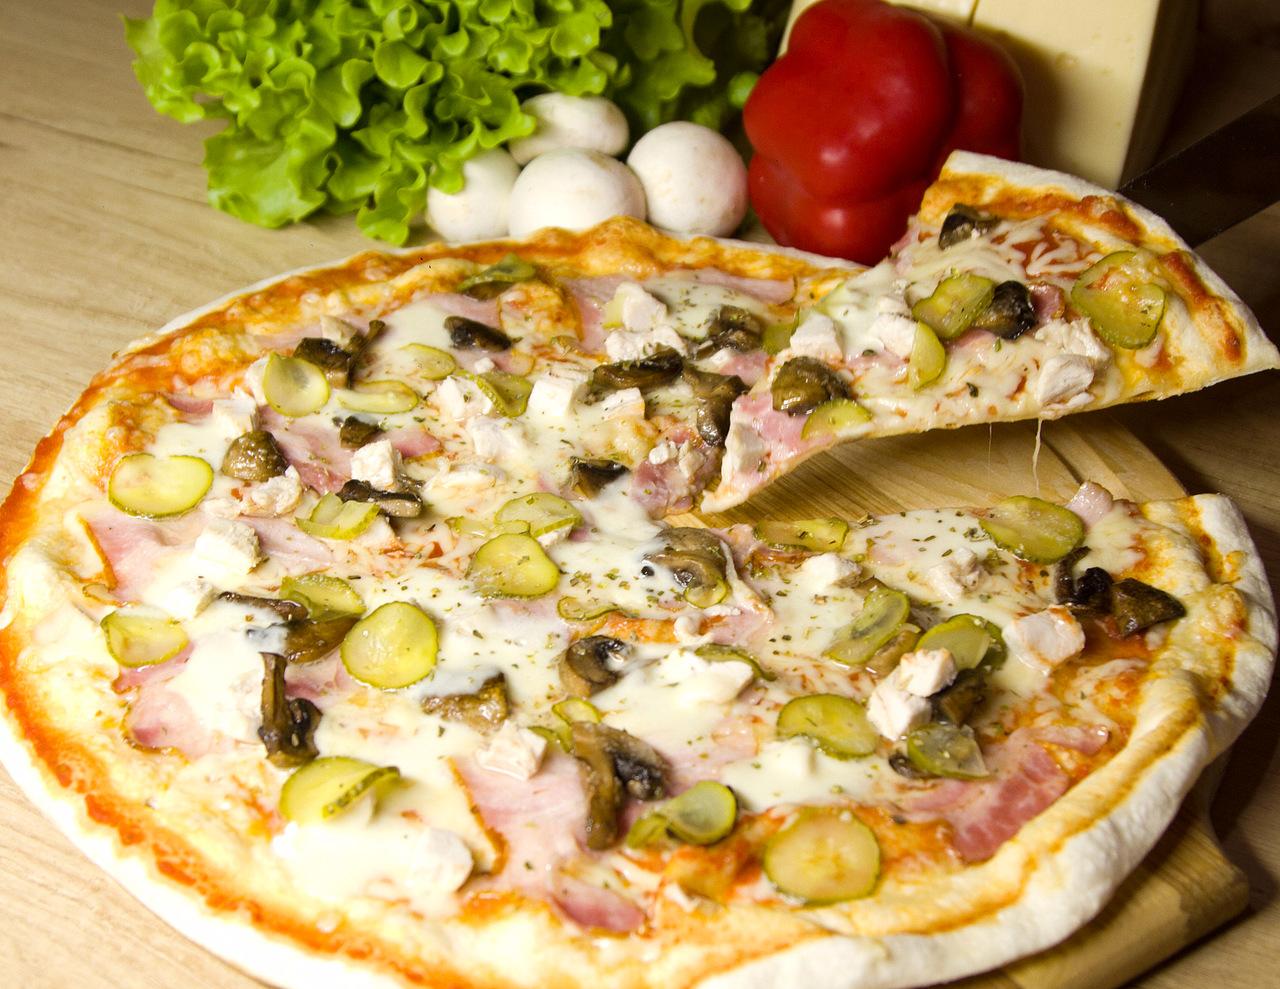 Особое тесто по итальянской технологии, фирменный соус для пиццы, сыр моцарелла, ветчина, салями, грибы, яйцо, орегано.